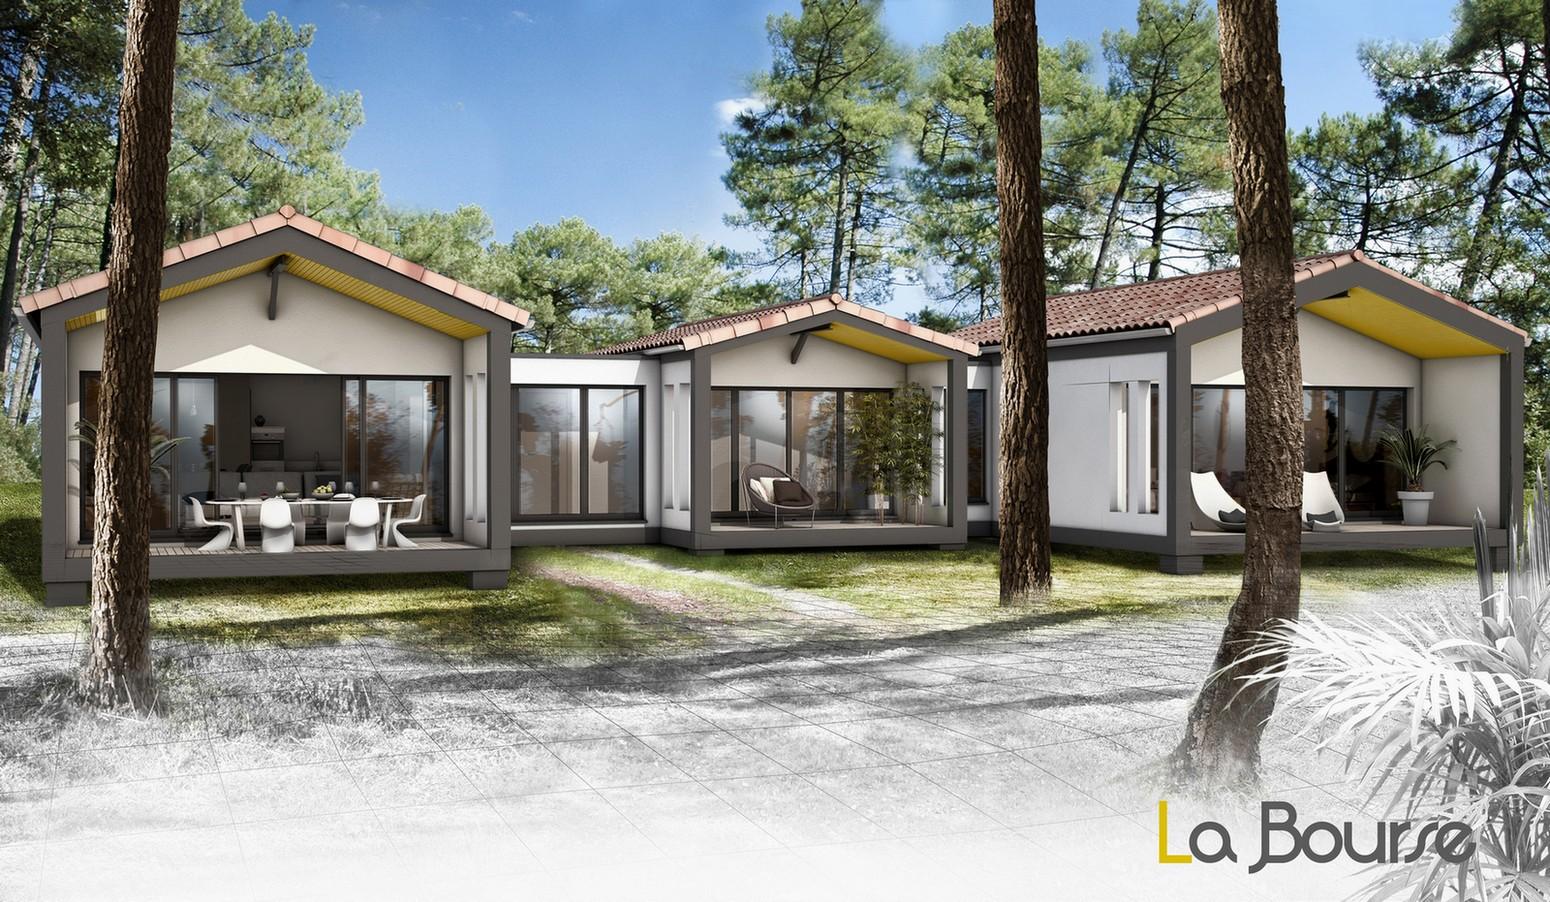 Archymade constructeur de maison individuelle kansei for Constructeur de maison individuelle montpellier